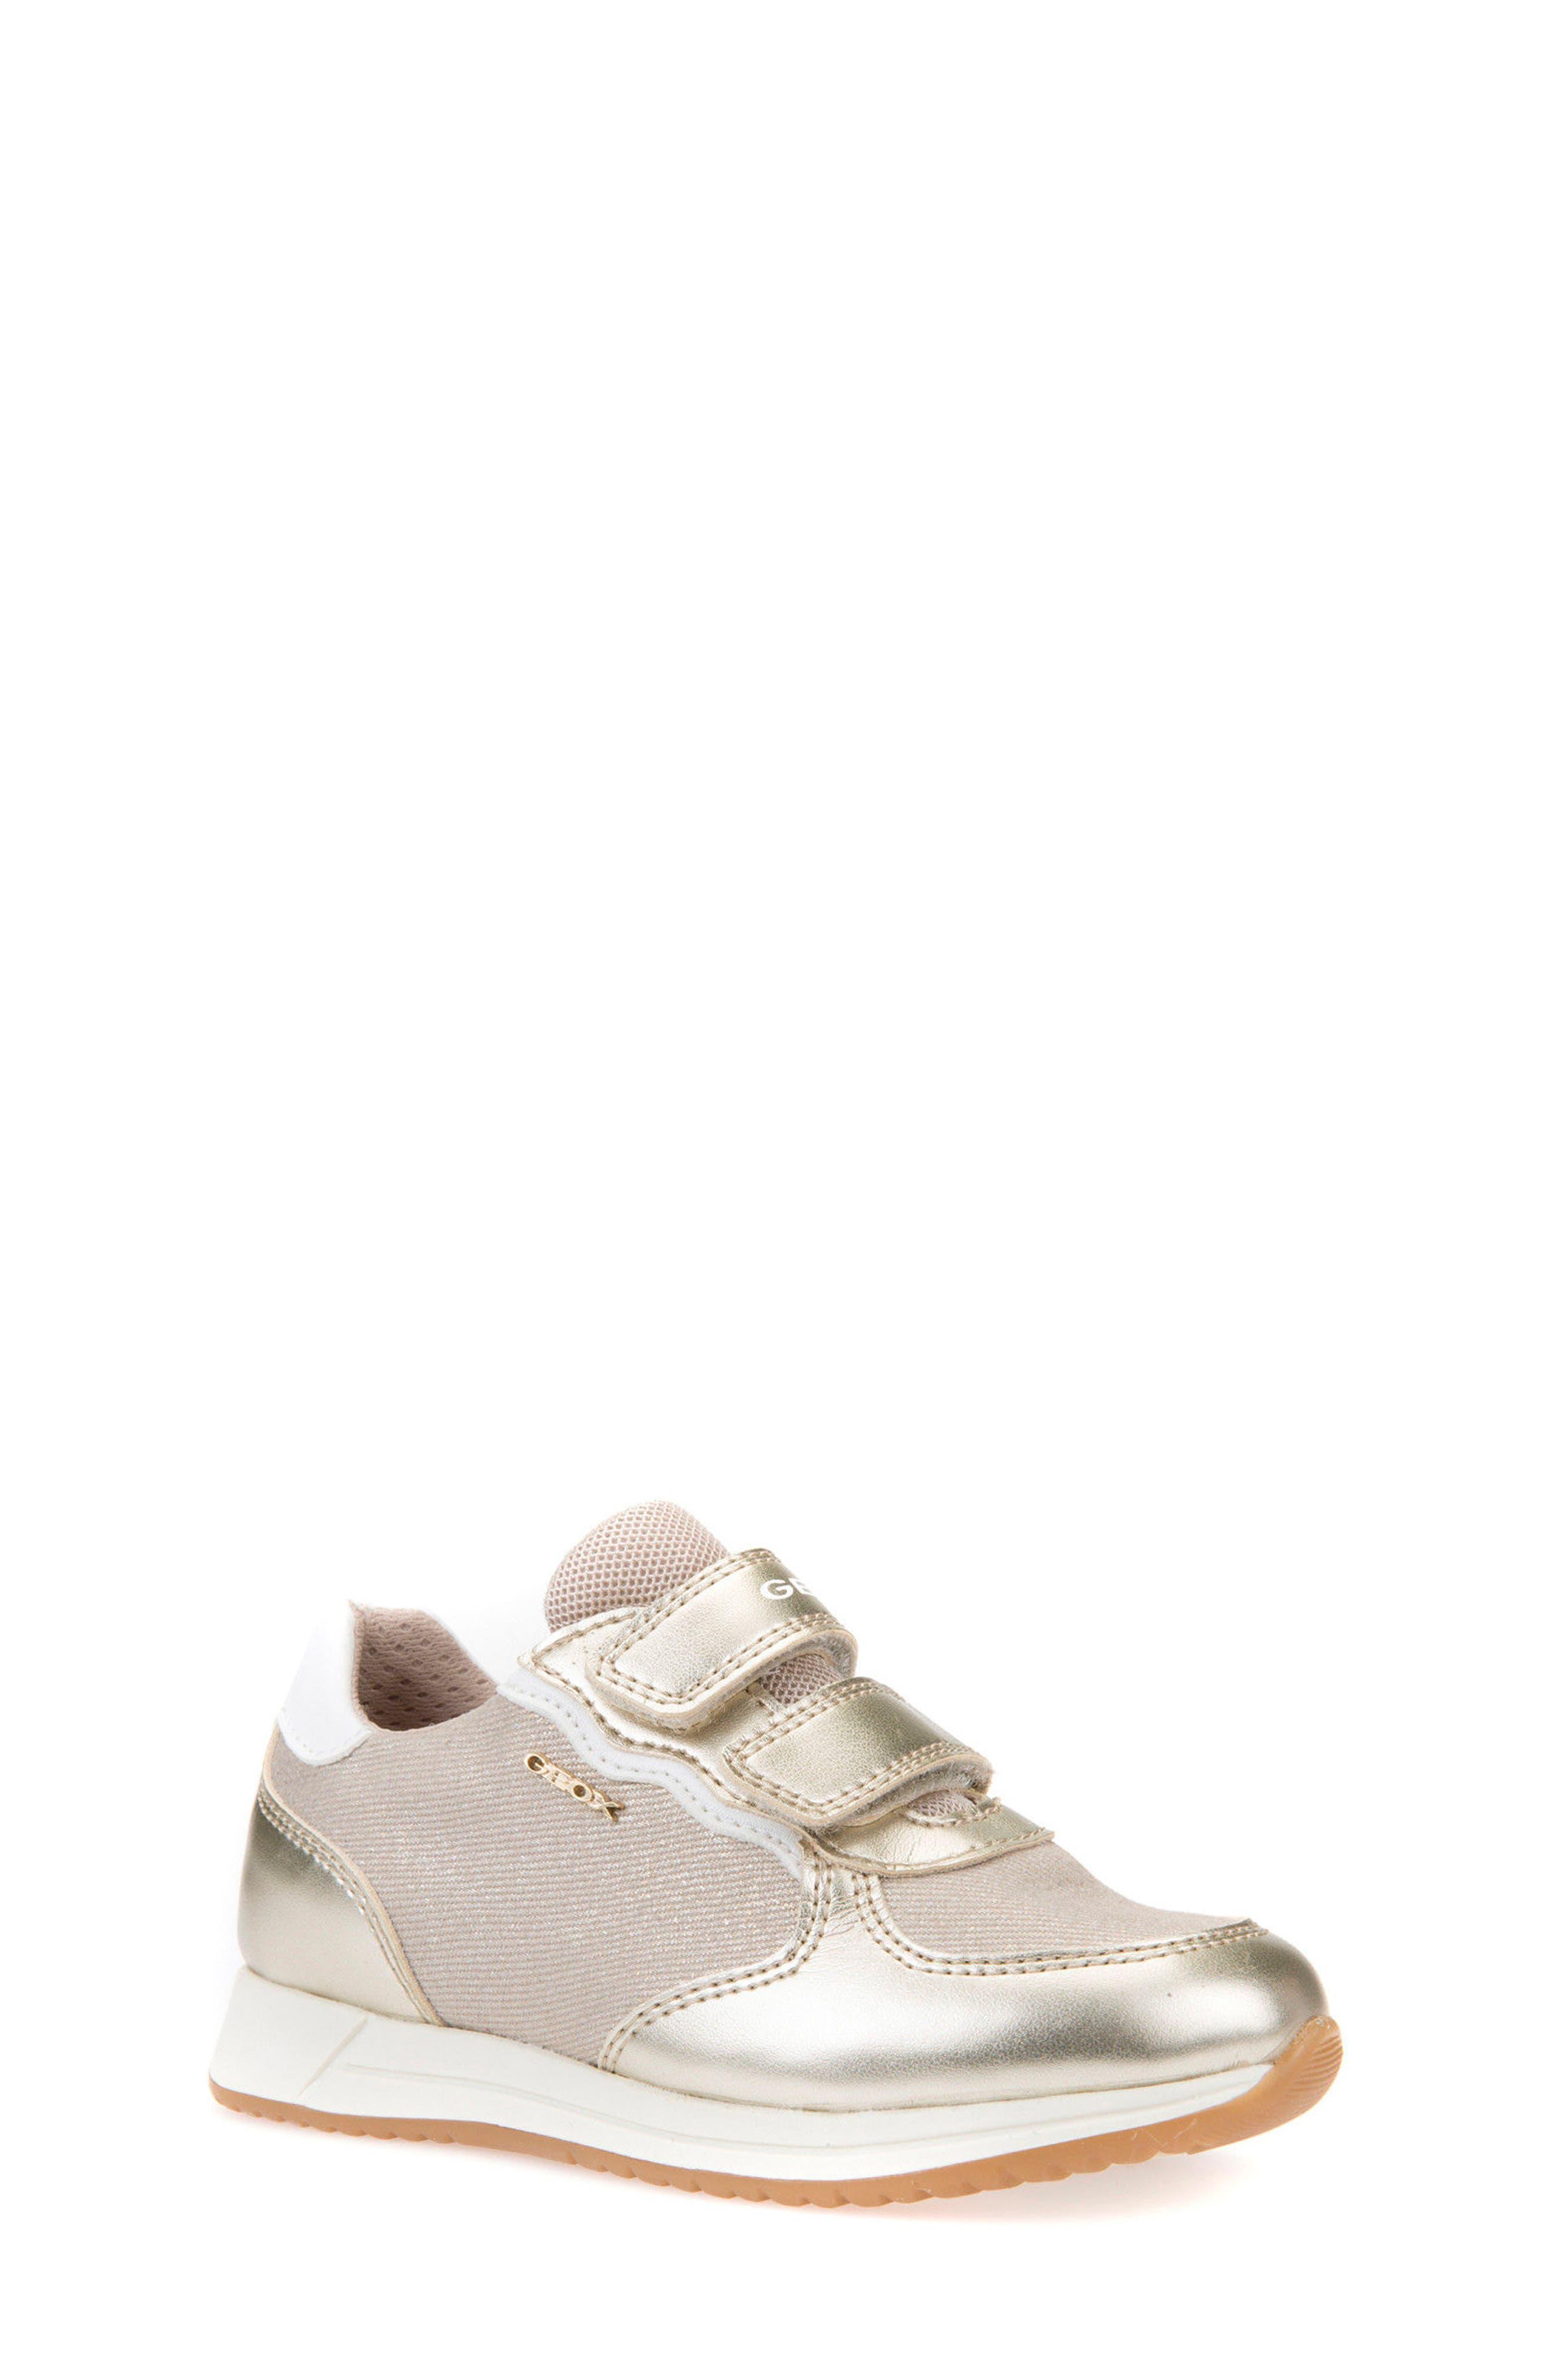 Geox Jensea Metallic Accent Sneaker (Toddler, Little Kid & Big Kid)